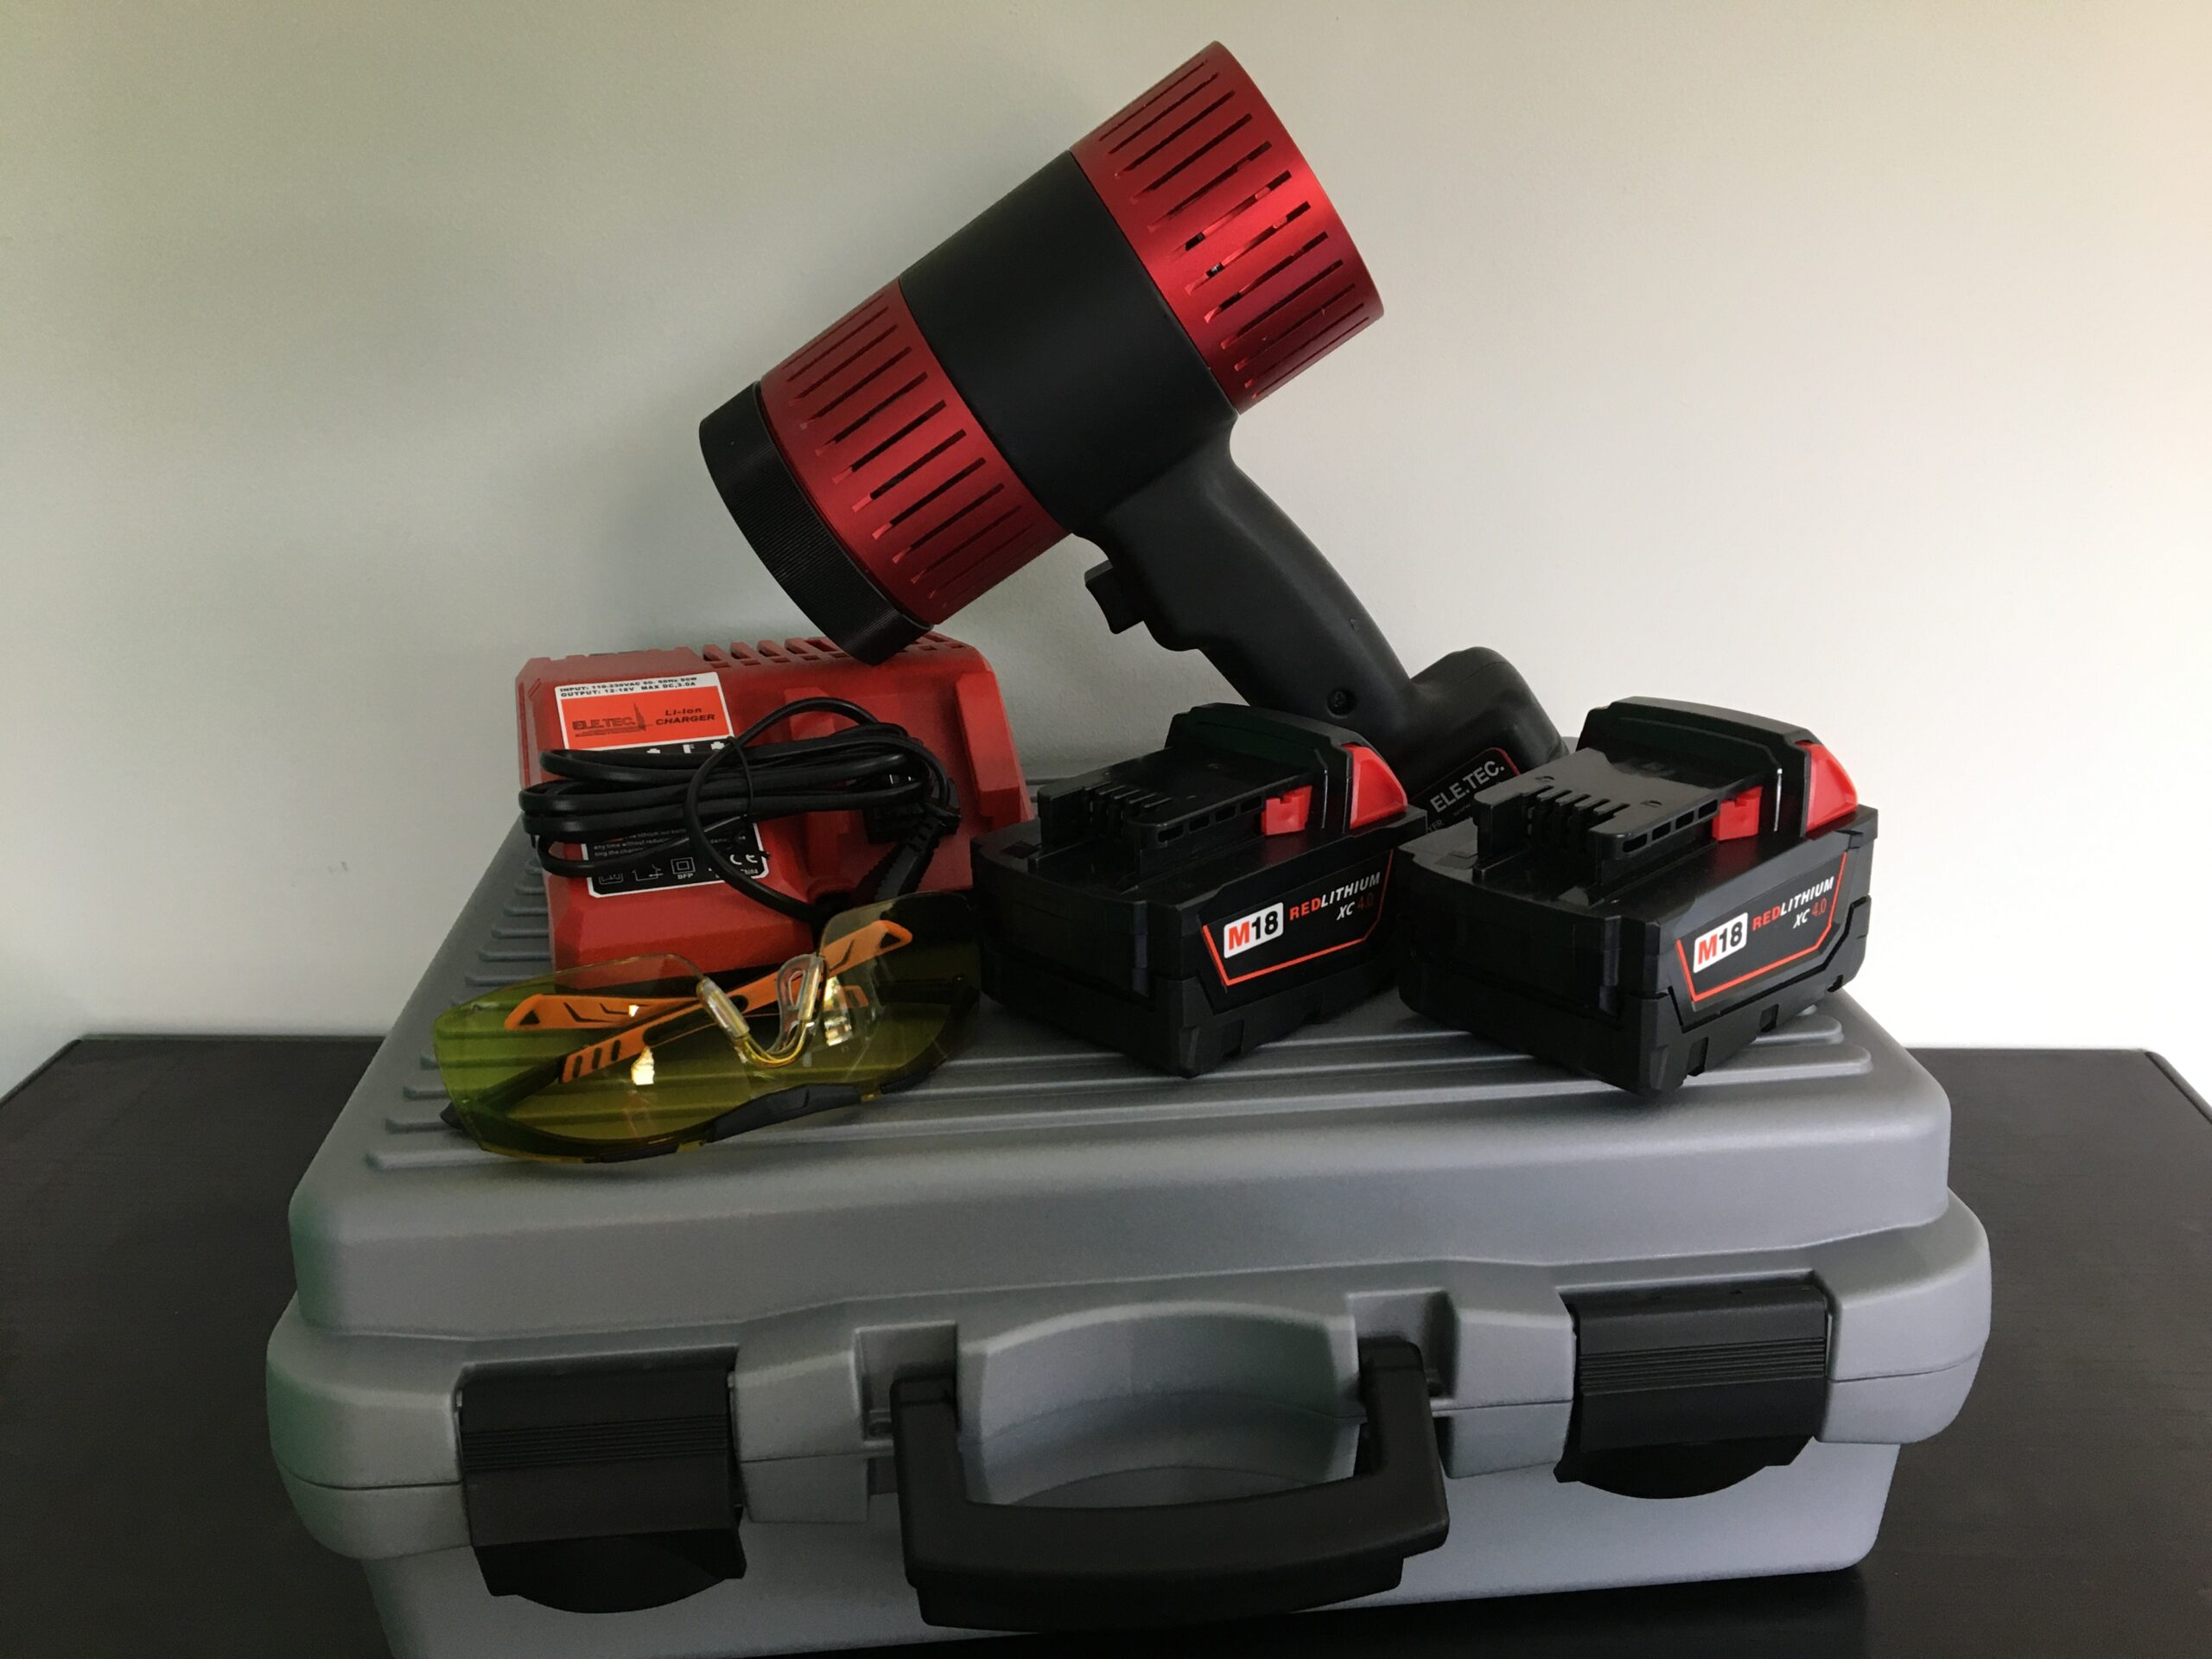 FLARE - Lampada per essicazione a raggi UV a batteria